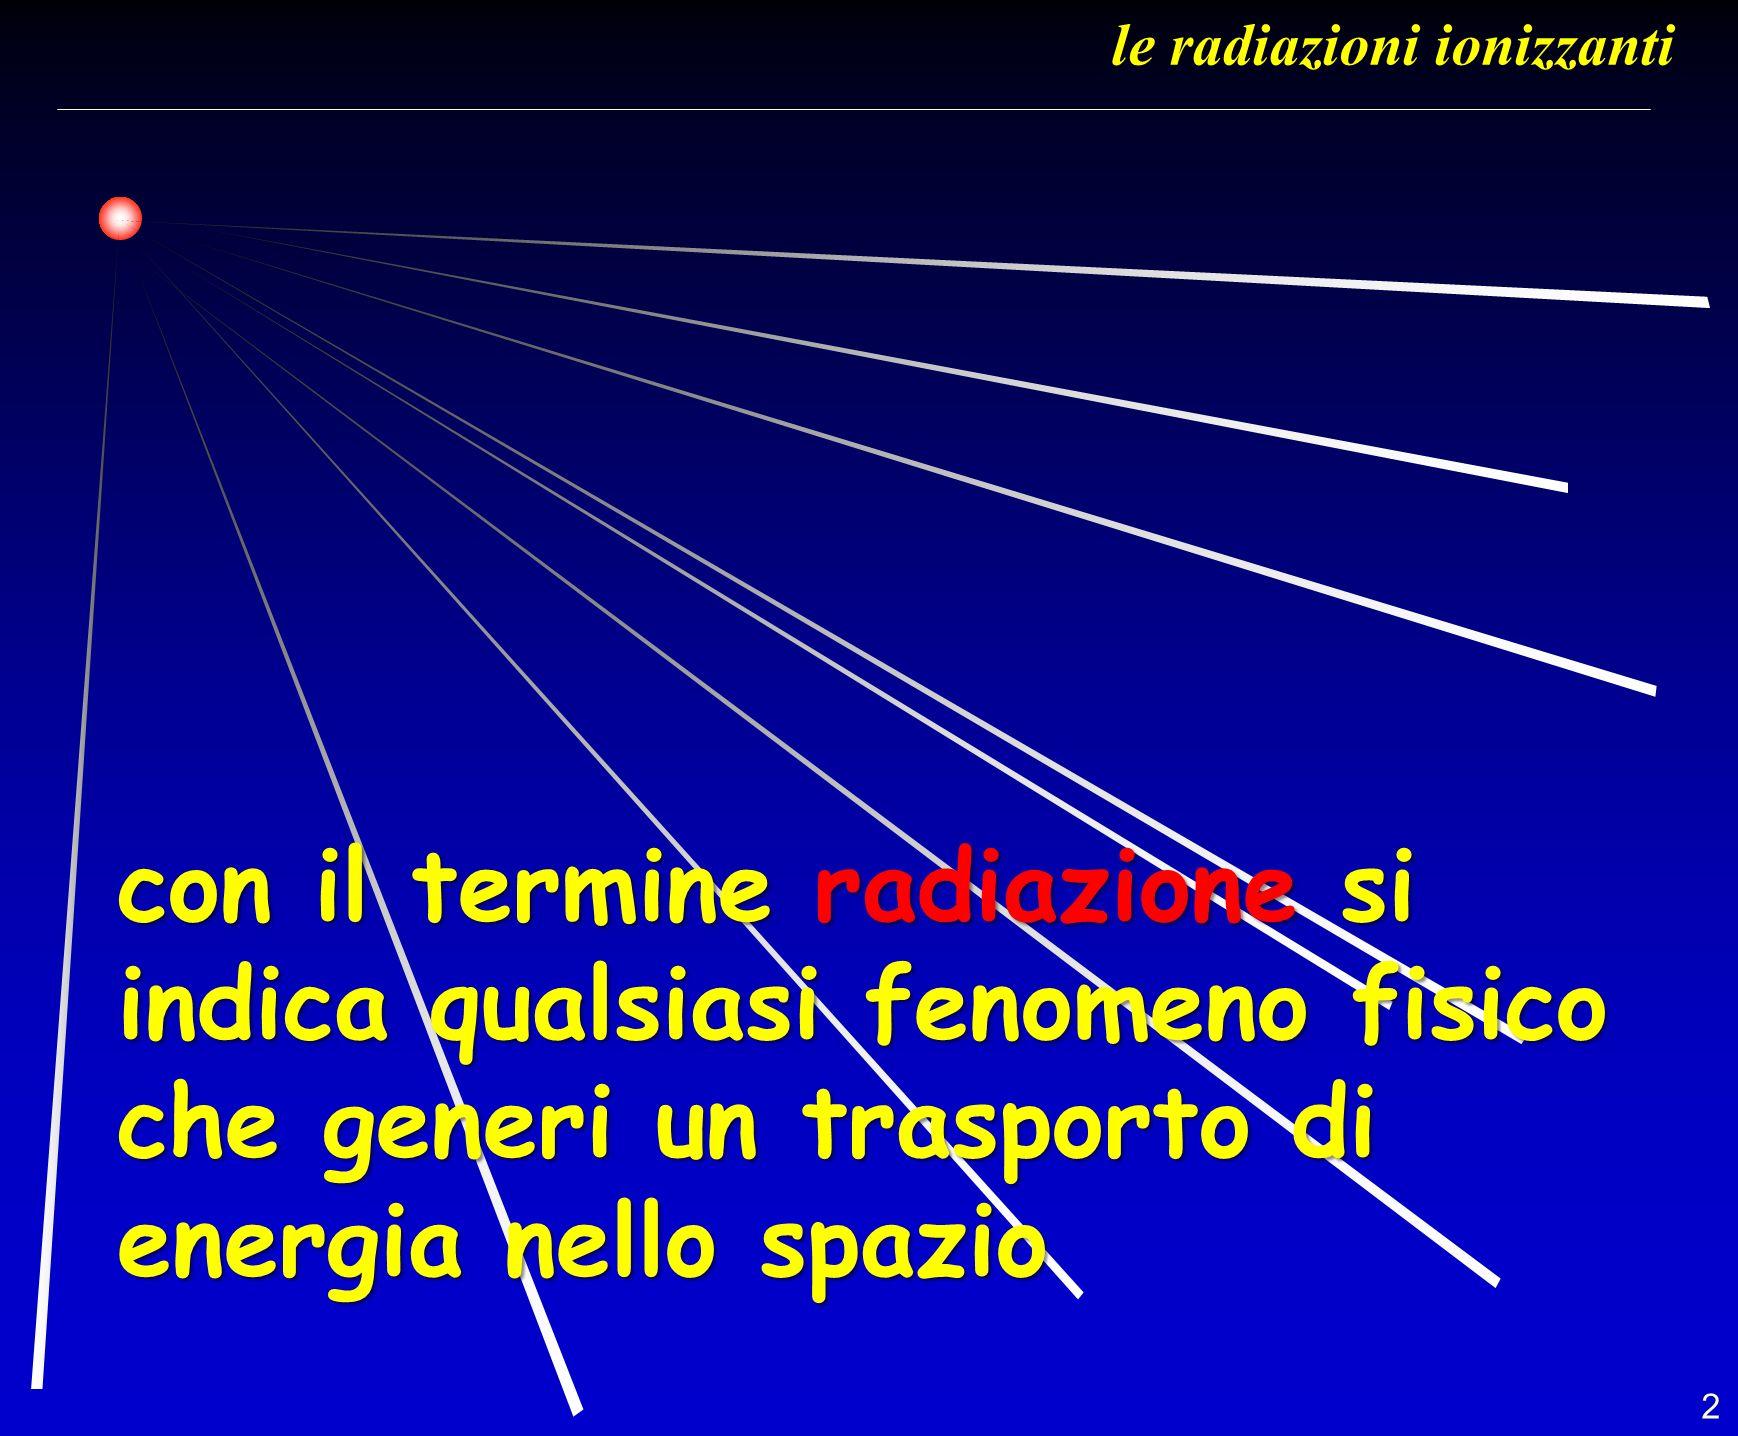 2 con il termine radiazione si indica qualsiasi fenomeno fisico che generi un trasporto di energia nello spazio le radiazioni ionizzanti